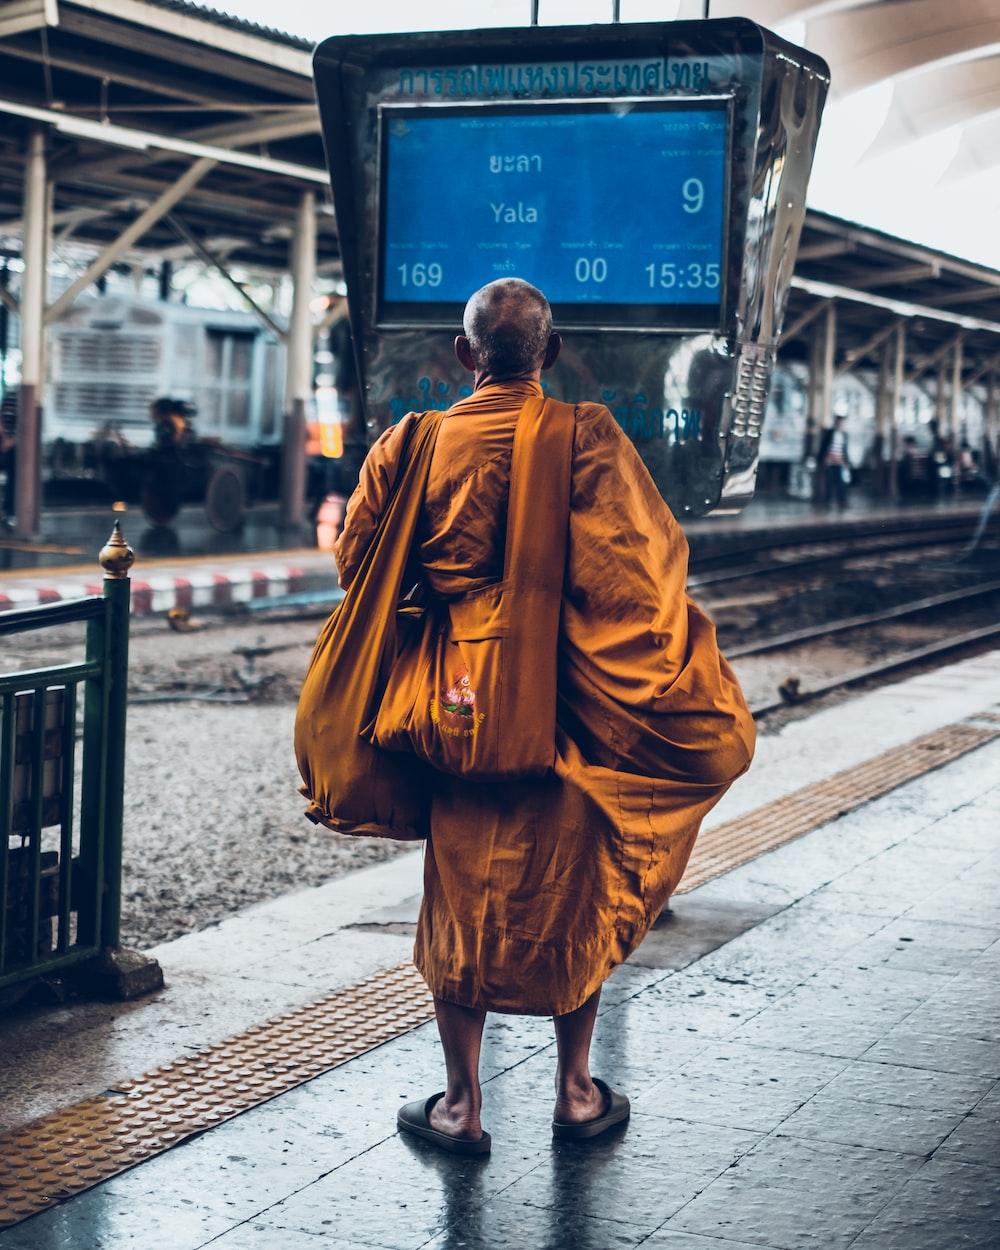 man in brown thobe walking on sidewalk during daytime